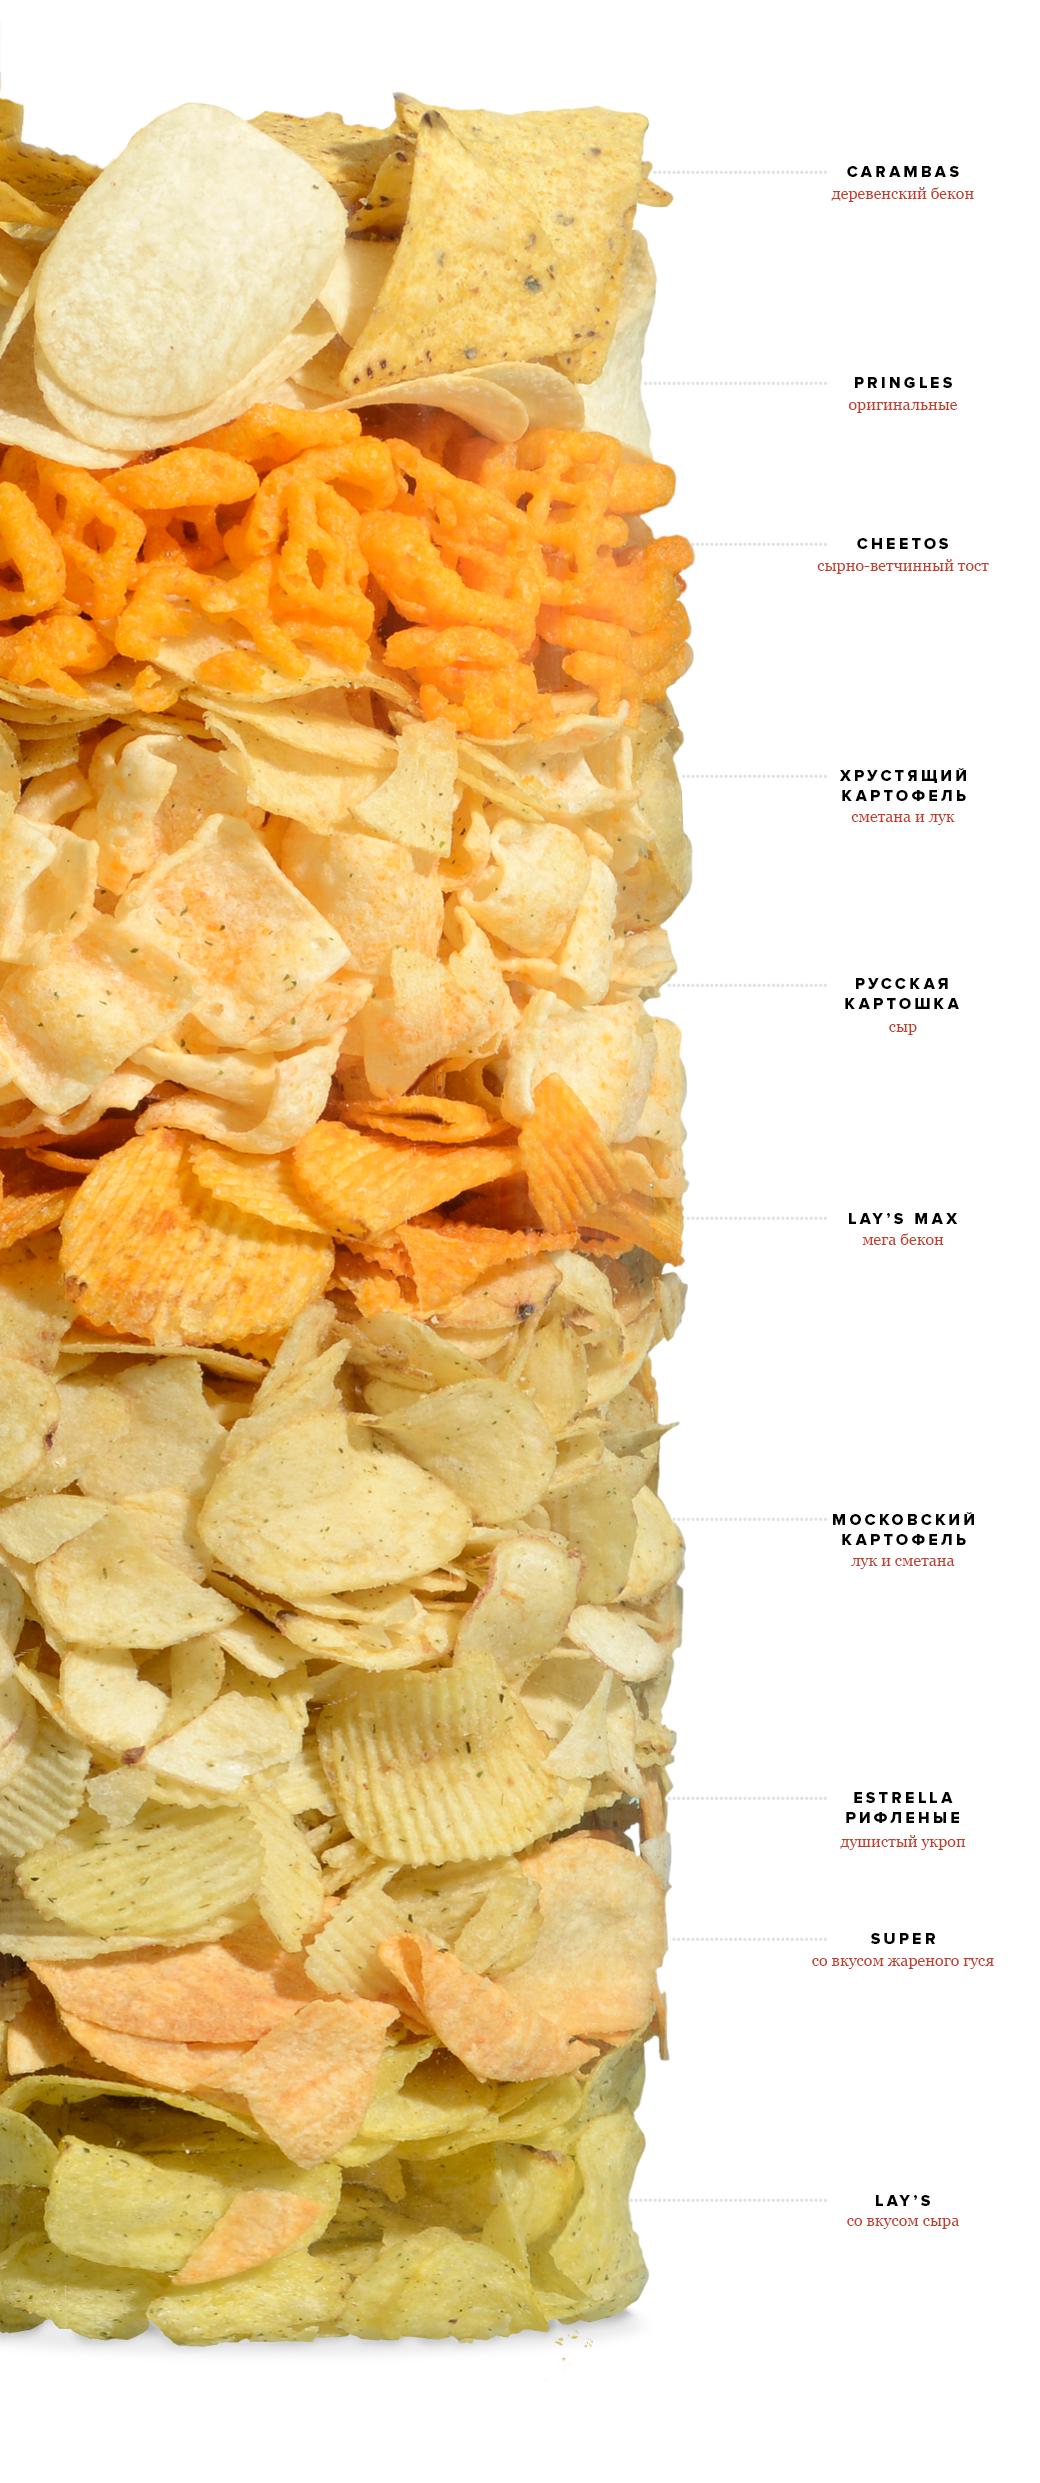 Хот-чип: Ревизия чипсов. Изображение № 1.